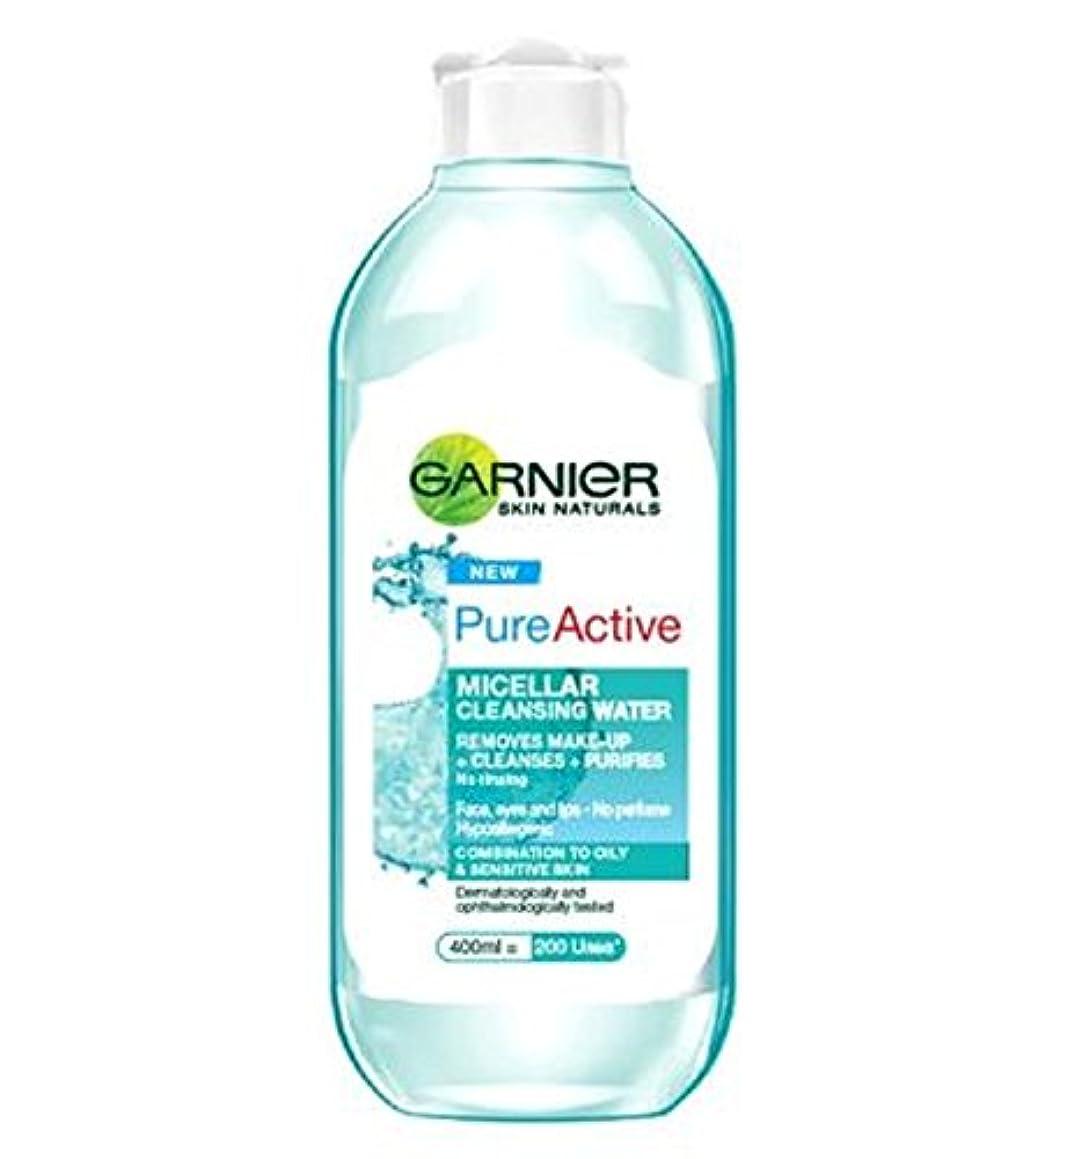 ガルニエ純粋なミセル洗浄水400ミリリットル (Garnier) (x2) - Garnier Pure Micellar Cleansing Water 400ml (Pack of 2) [並行輸入品]